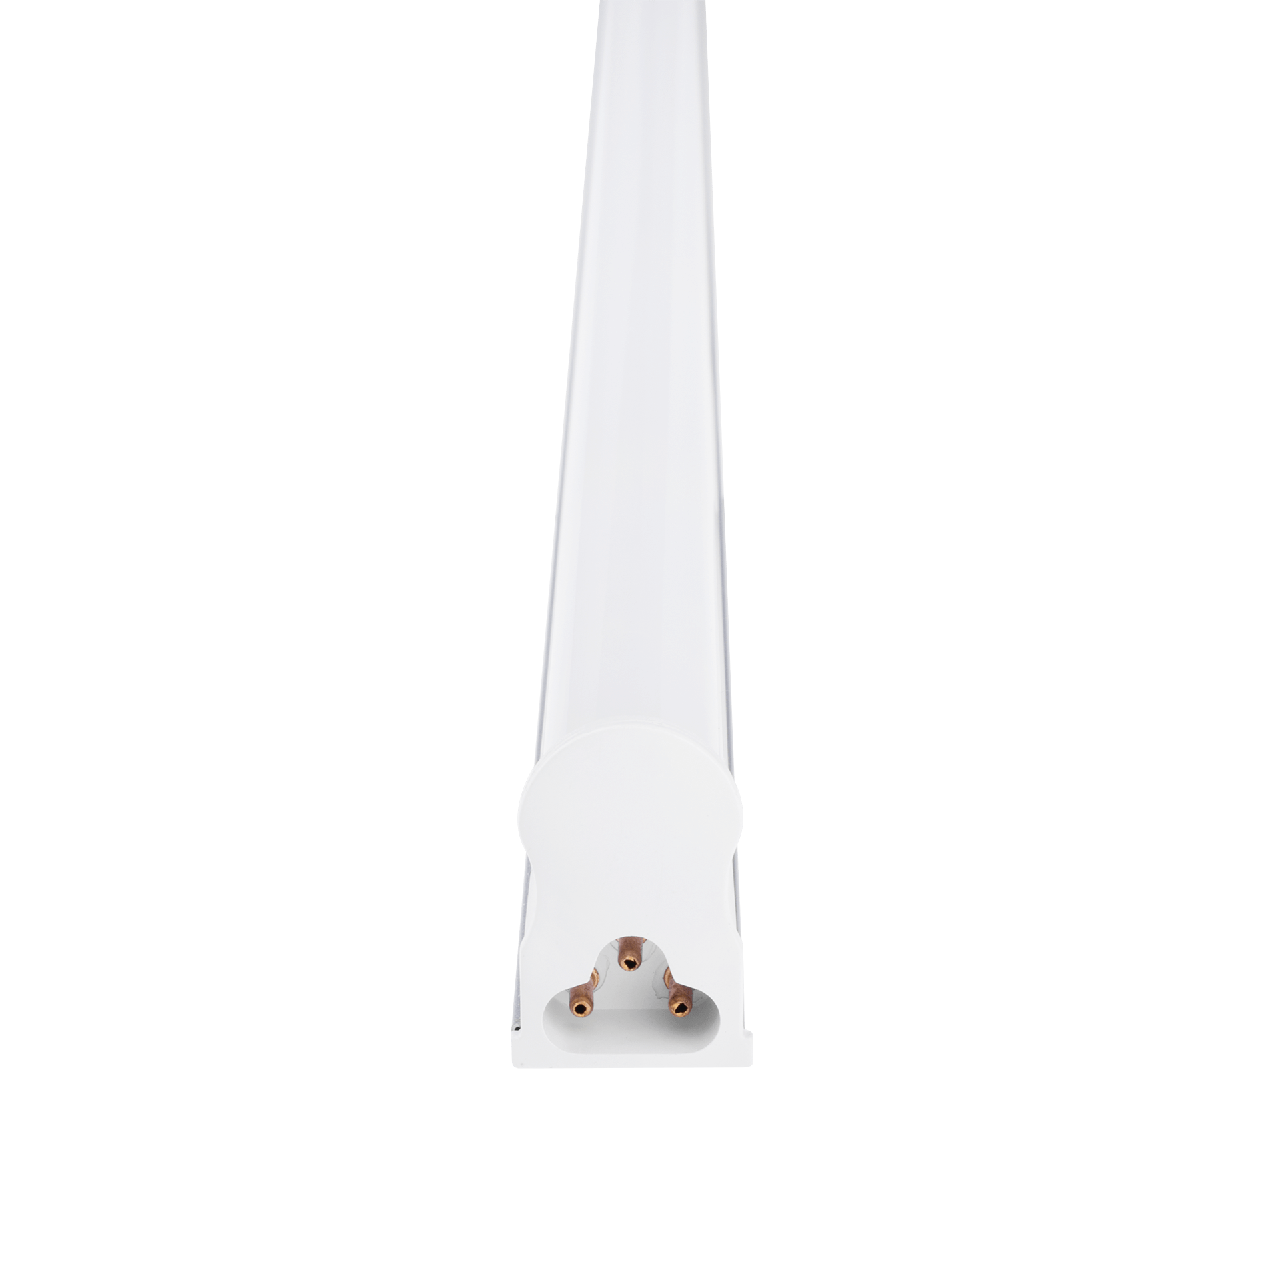 LED светильник Ilumia 18W 4000К нейтральный линейный Т5 (078)